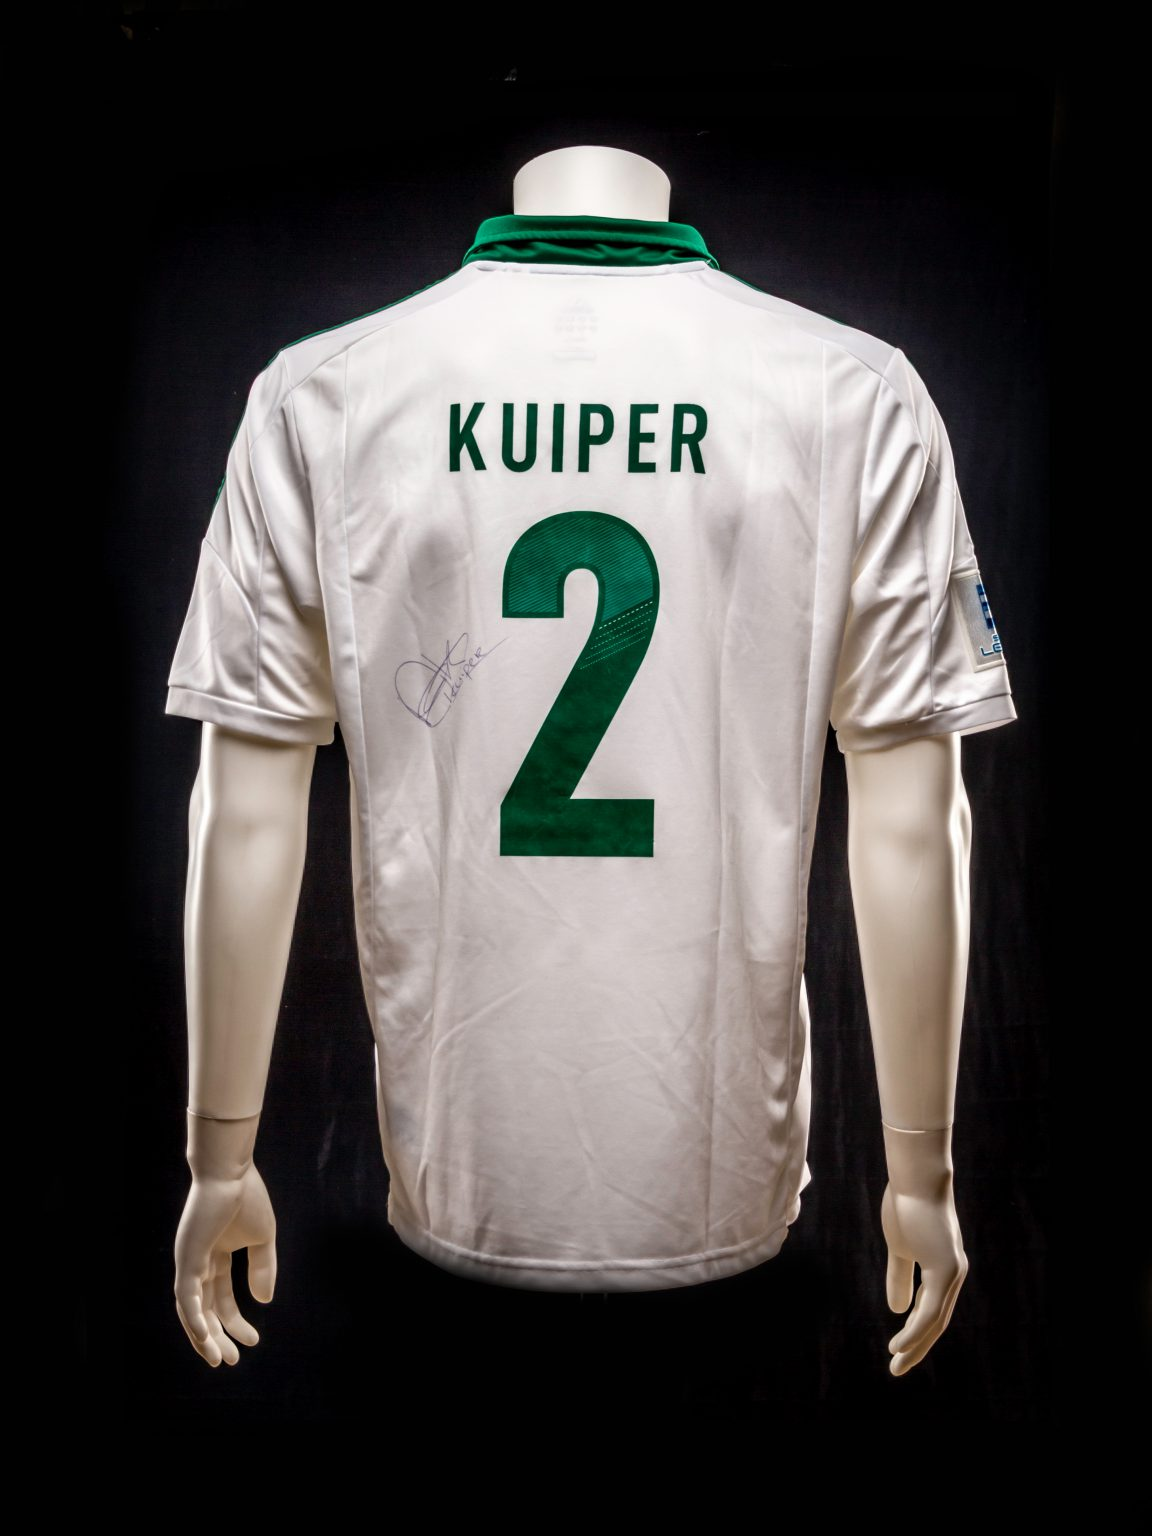 #2 Nicky Kuiper Panatinaikos